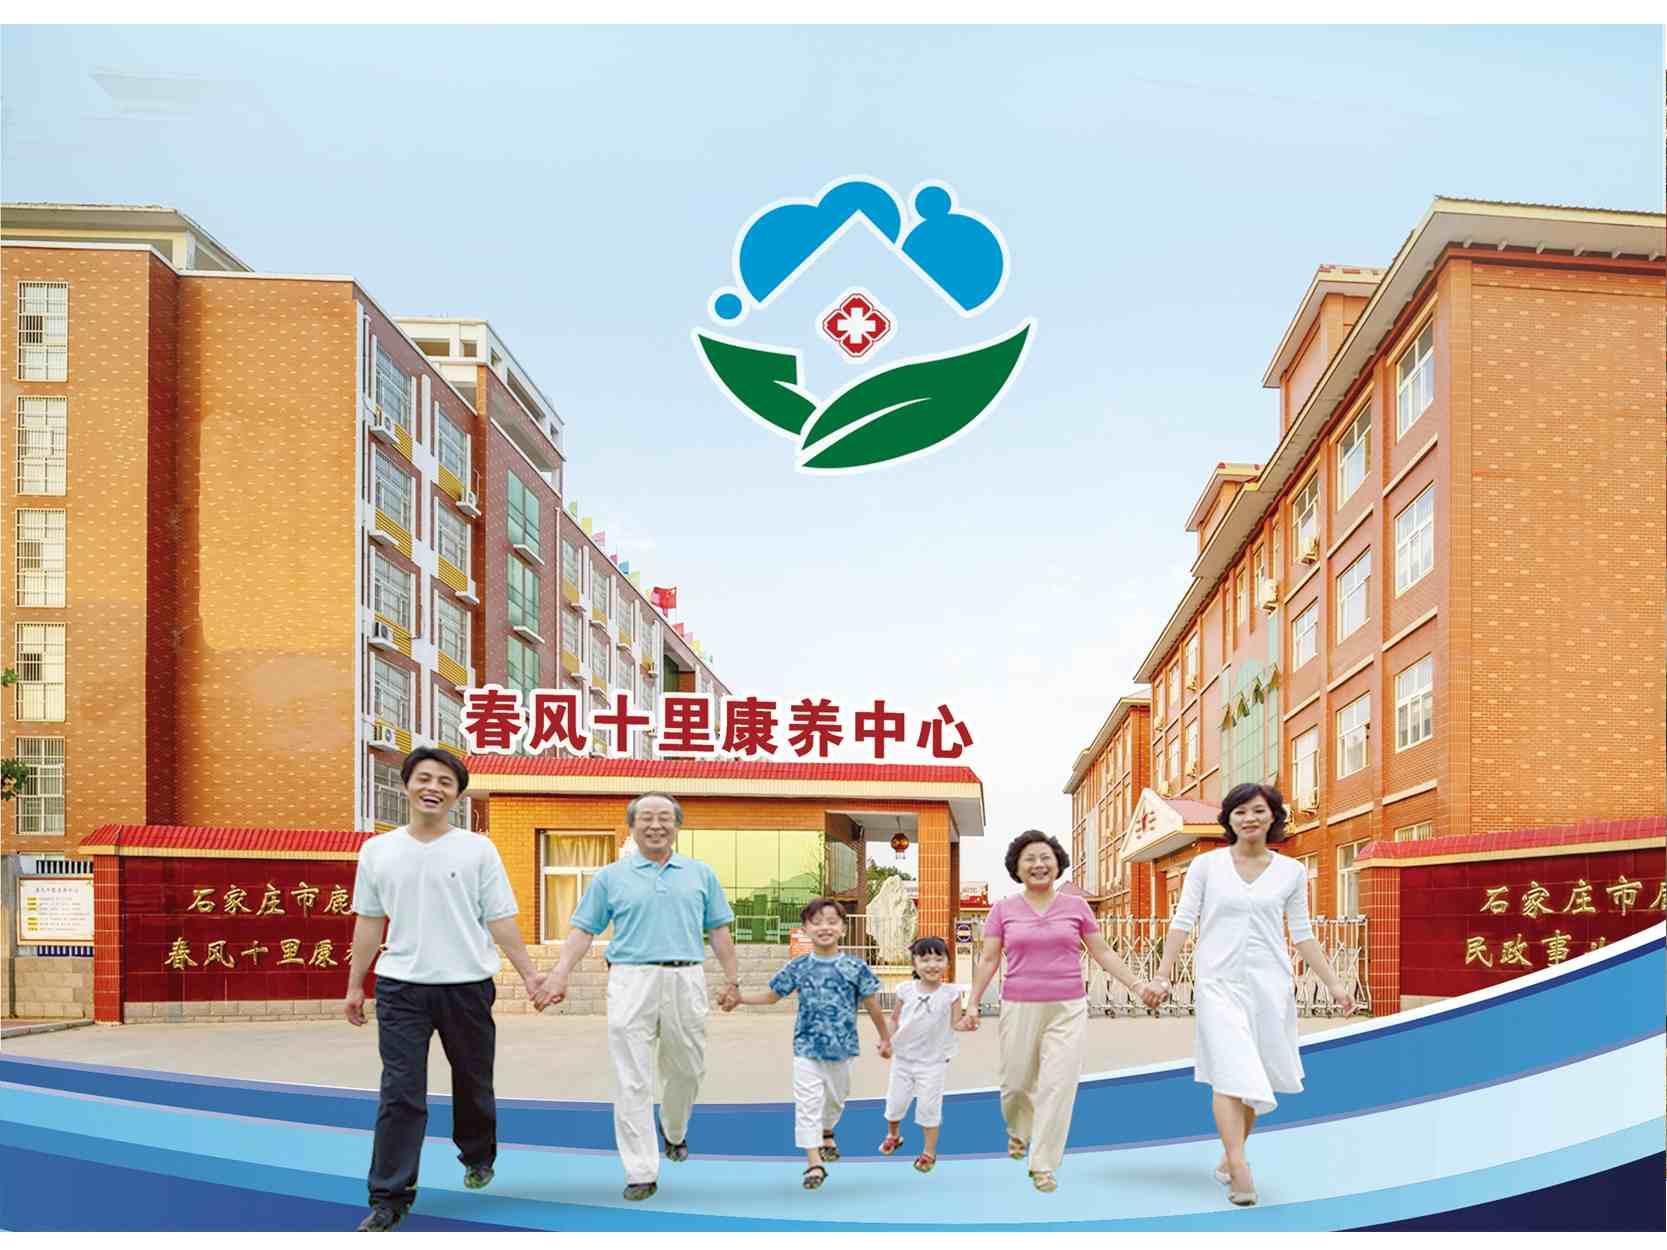 【春风十里 康养中心】打造优质的康养服务!